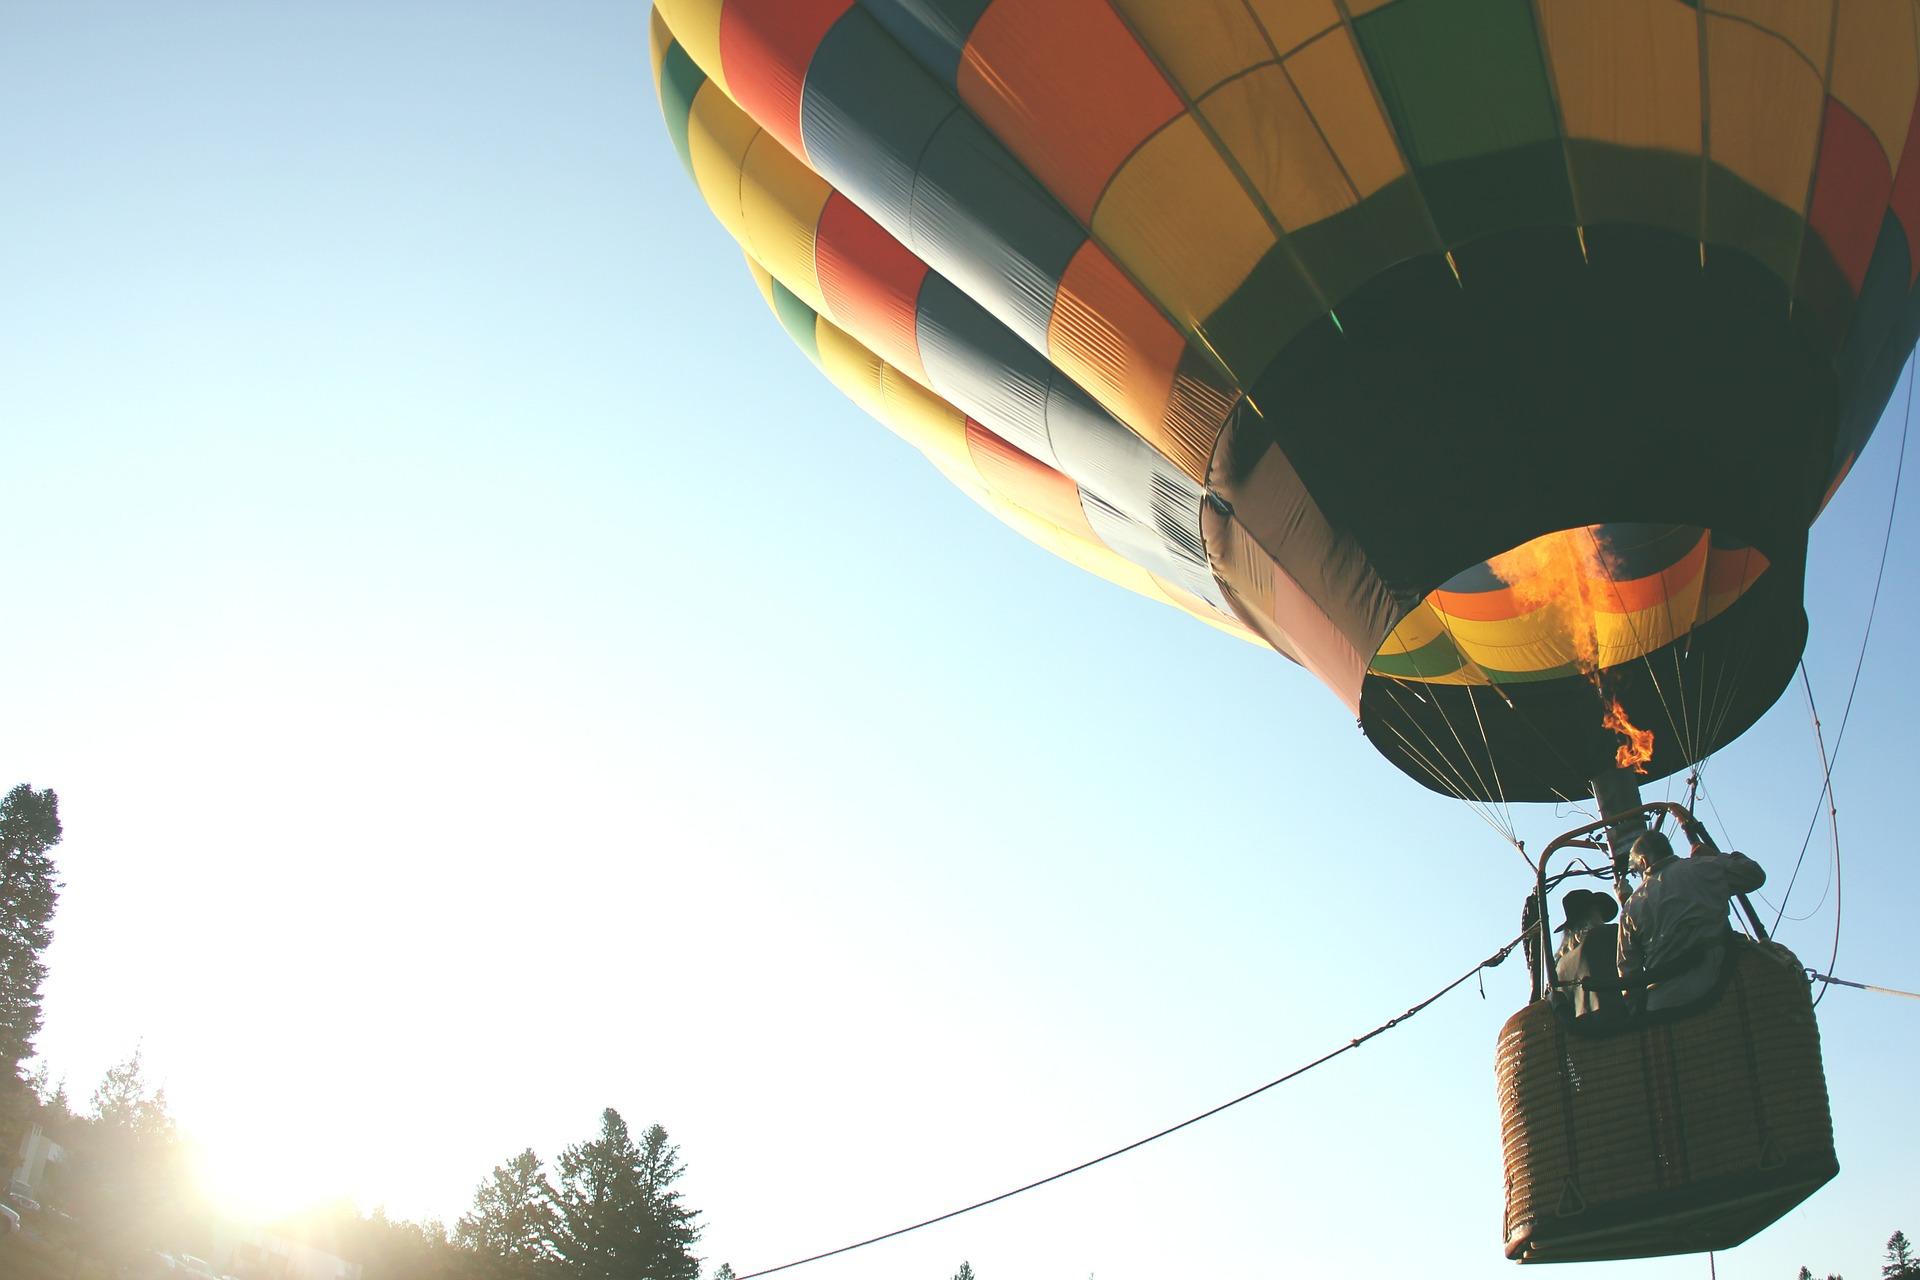 Heißluftballons, der symbolisch für die Befreiung von Erfolgsblockaden steht